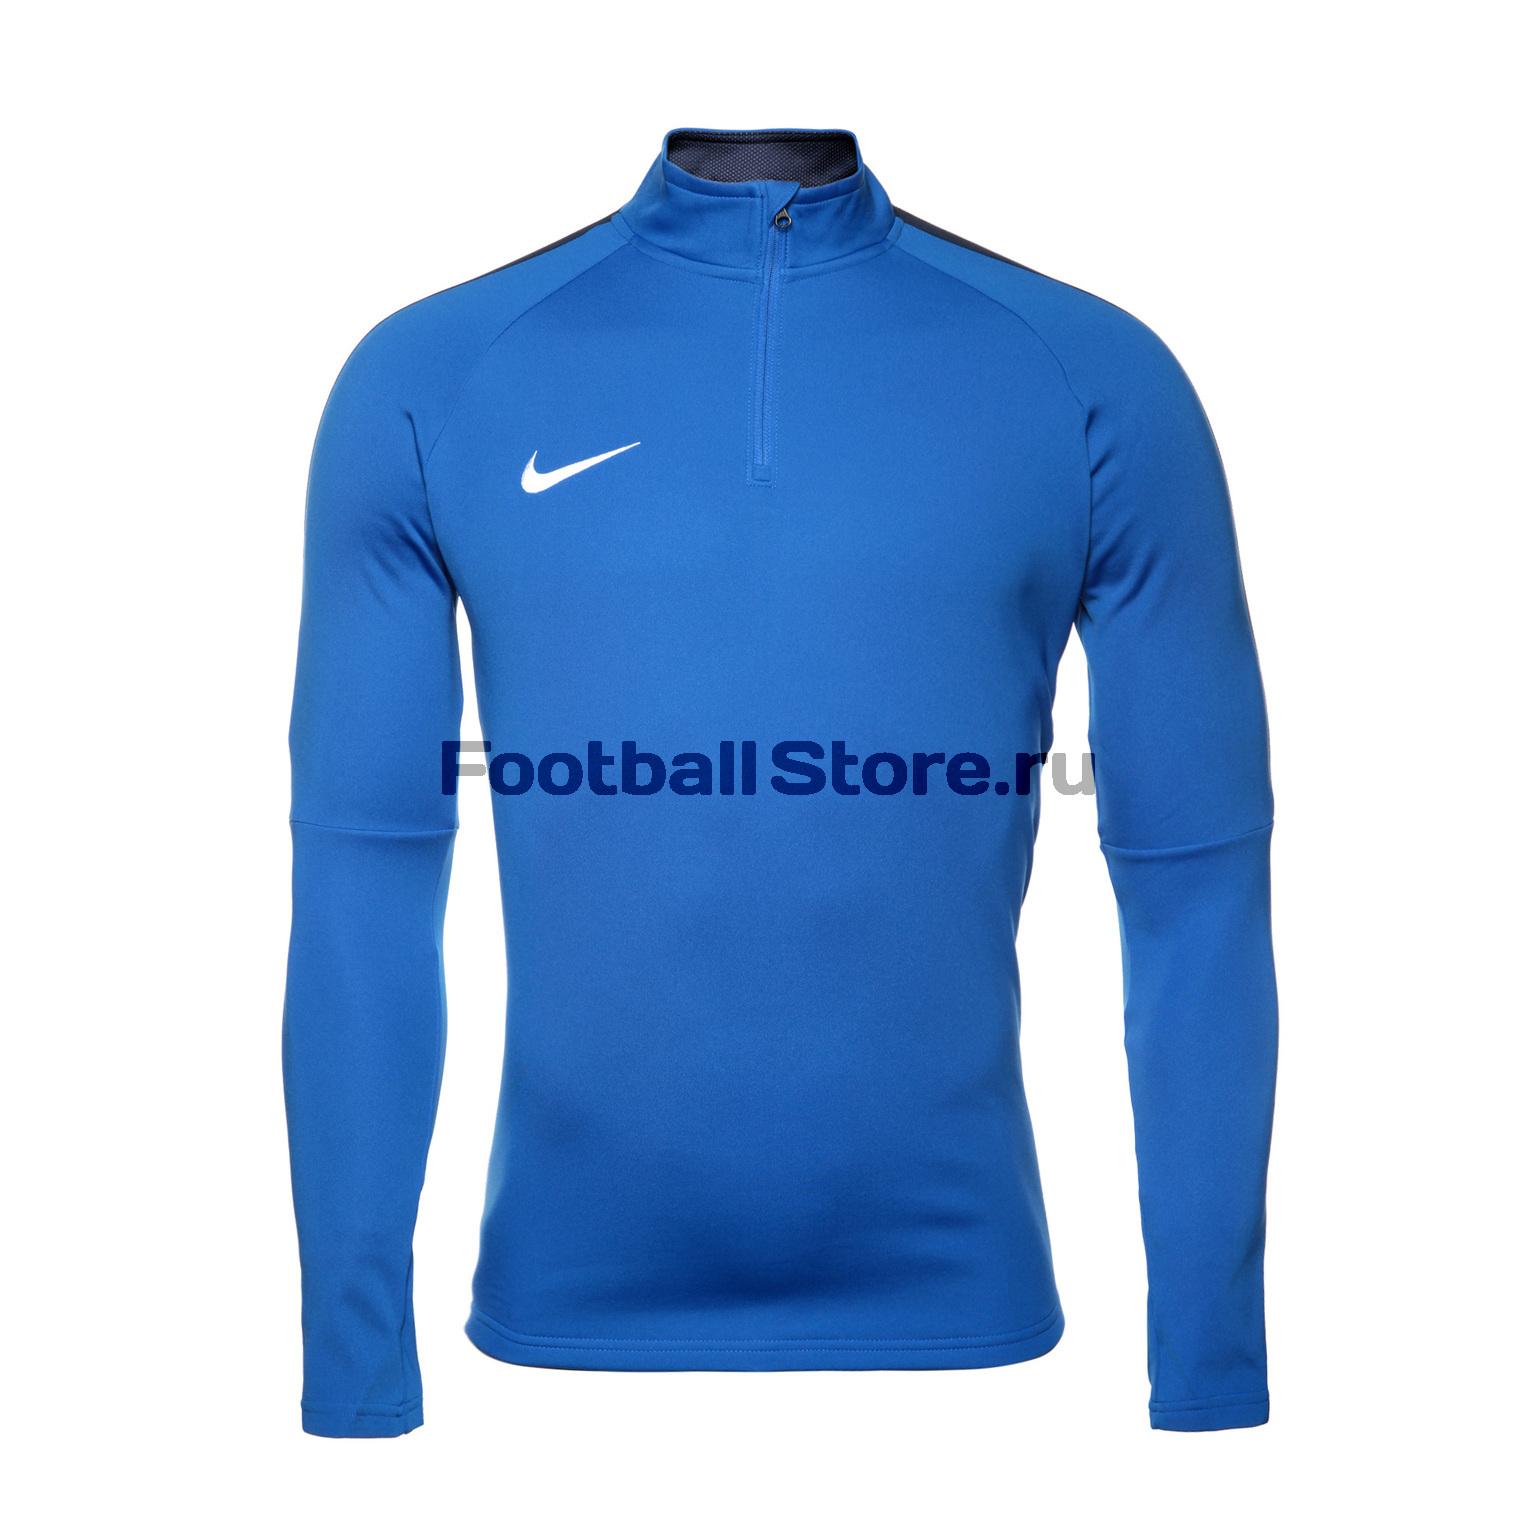 Свитер тренировочный Nike Dry Academy18 Dril Top LS 893624-463